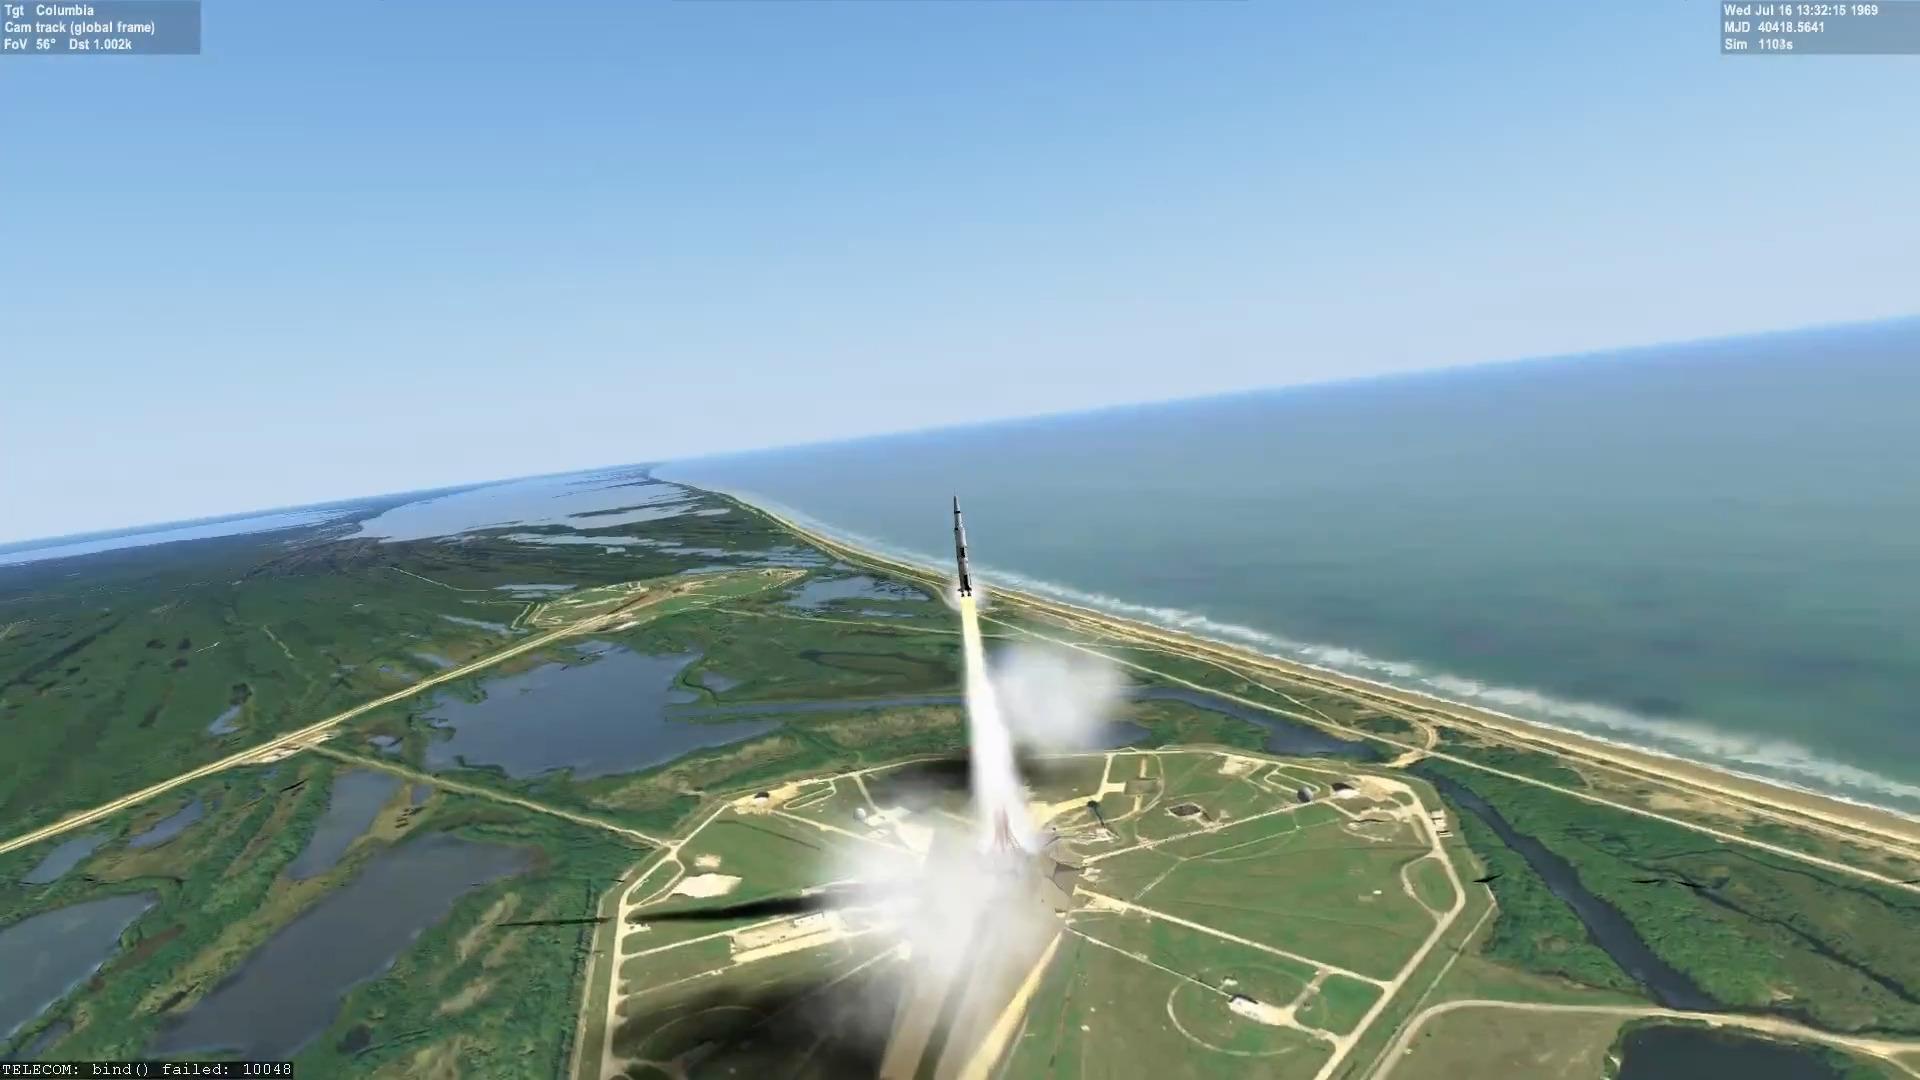 Amusez-vous à faire décoller des fusées avec Orbiter 2016, qui passe open source (vidéo) Par Julien Lausson Orbiter-space-flight-simulator-2016